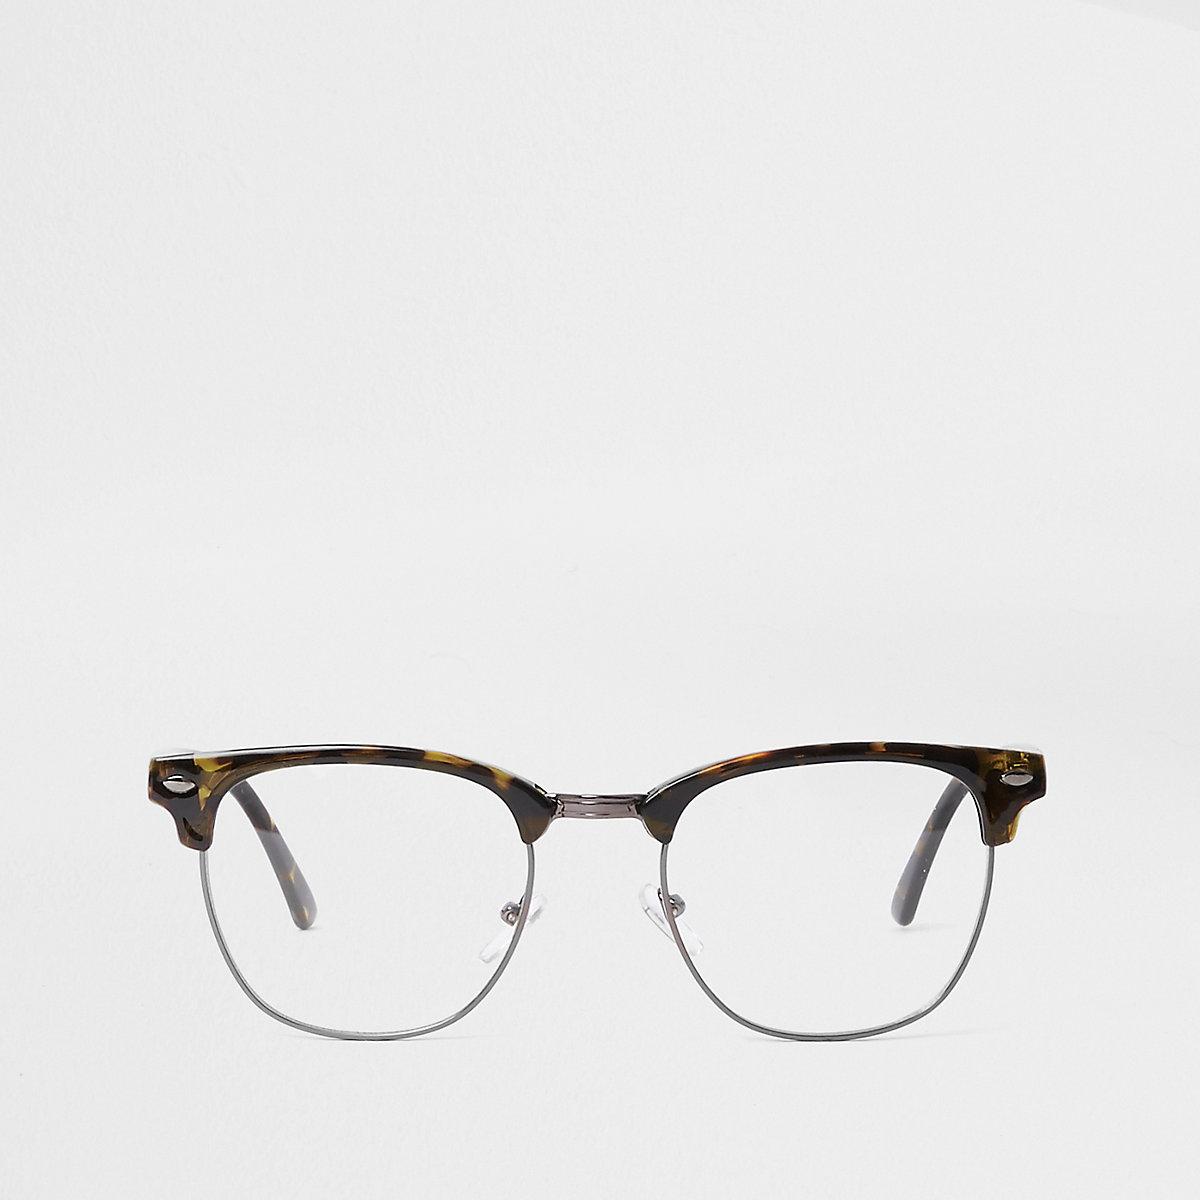 Brown tortoiseshell clear lens glasses